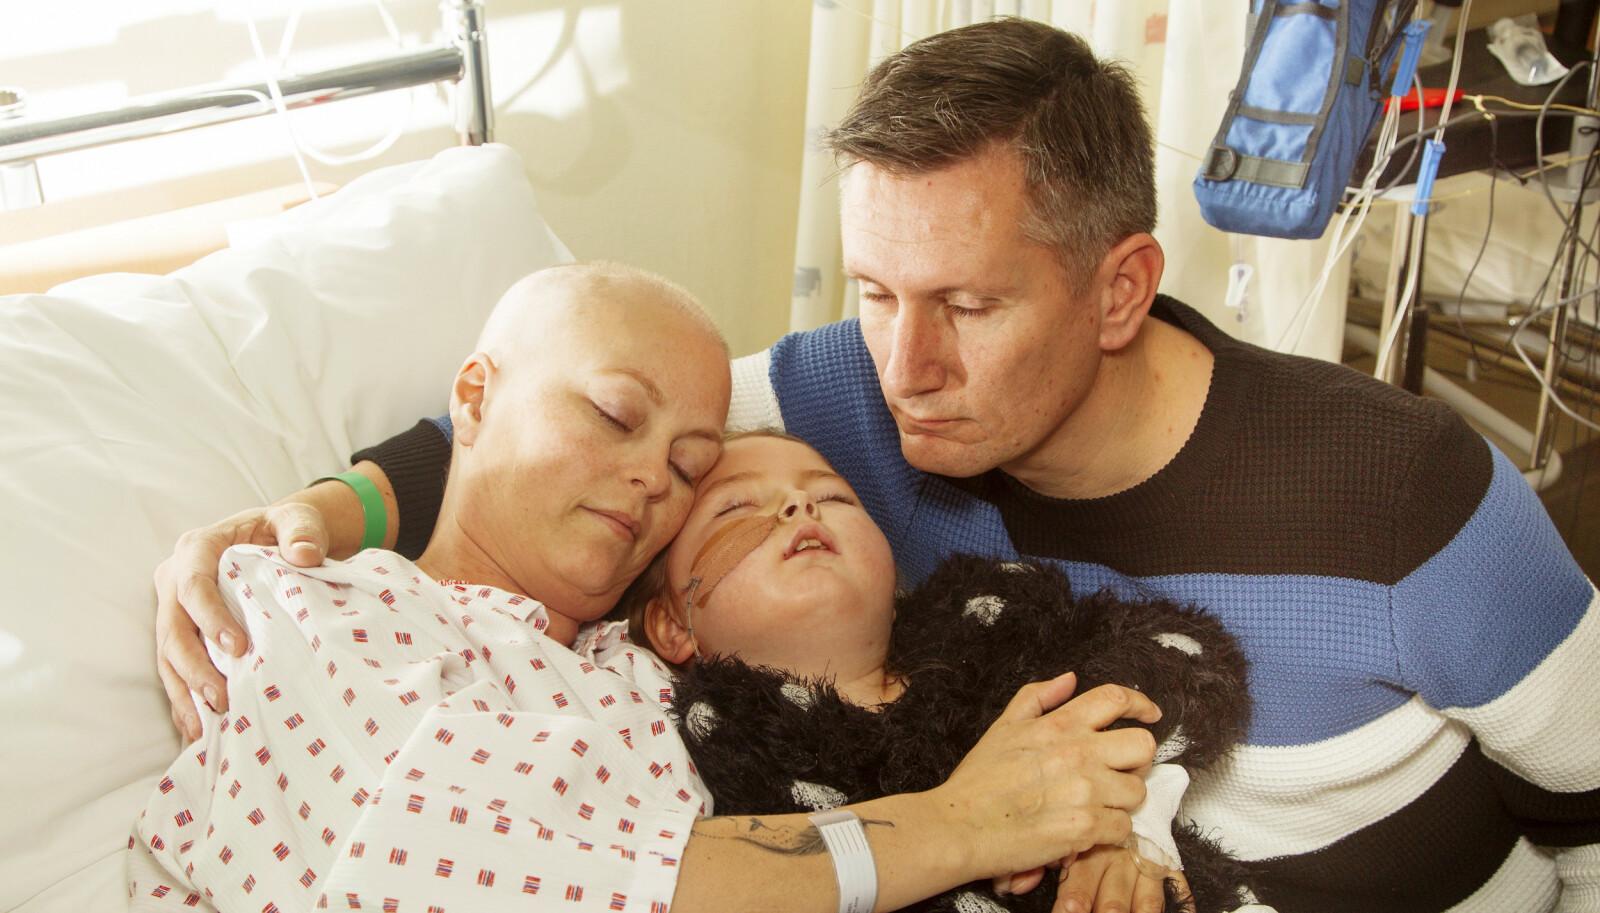 DELTE ROM: Anne Gudbrandsen og datteren Pernille delte rom på sykehuset, der de begge kjempet mot kreften. Deres sykdom har inspirert Ove til å samle inn en million kroner til forskning på hvordan kreft kan helbredes.